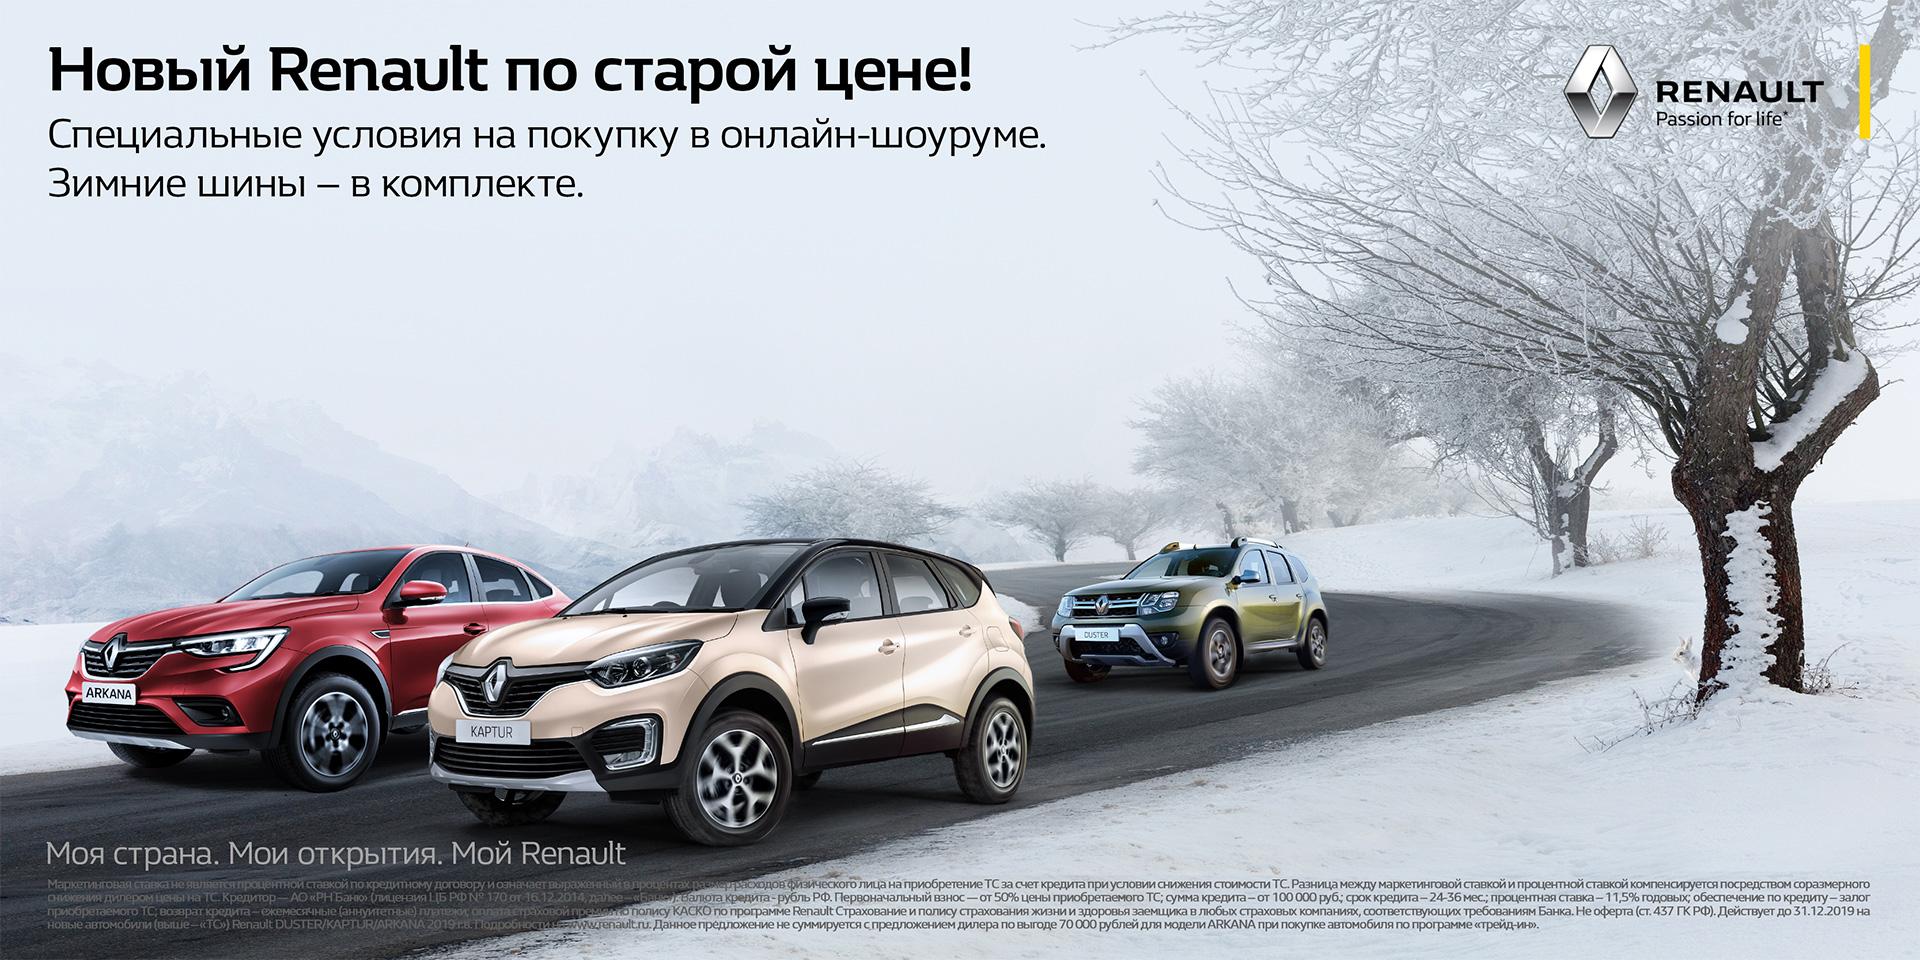 Renault Key Visual